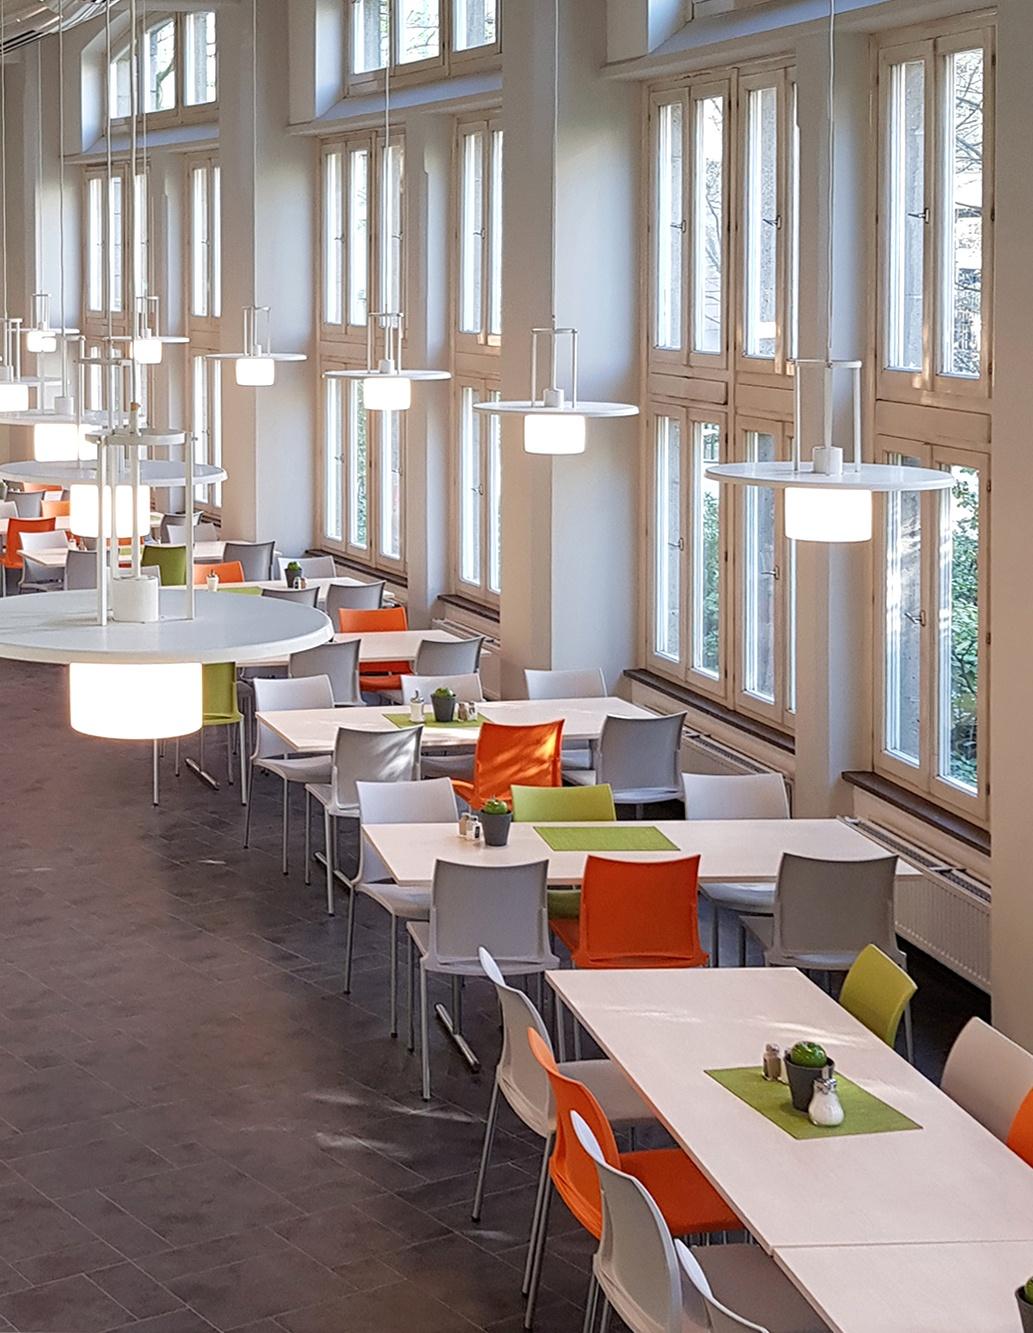 Architekten-HDR__Landgericht Hannover